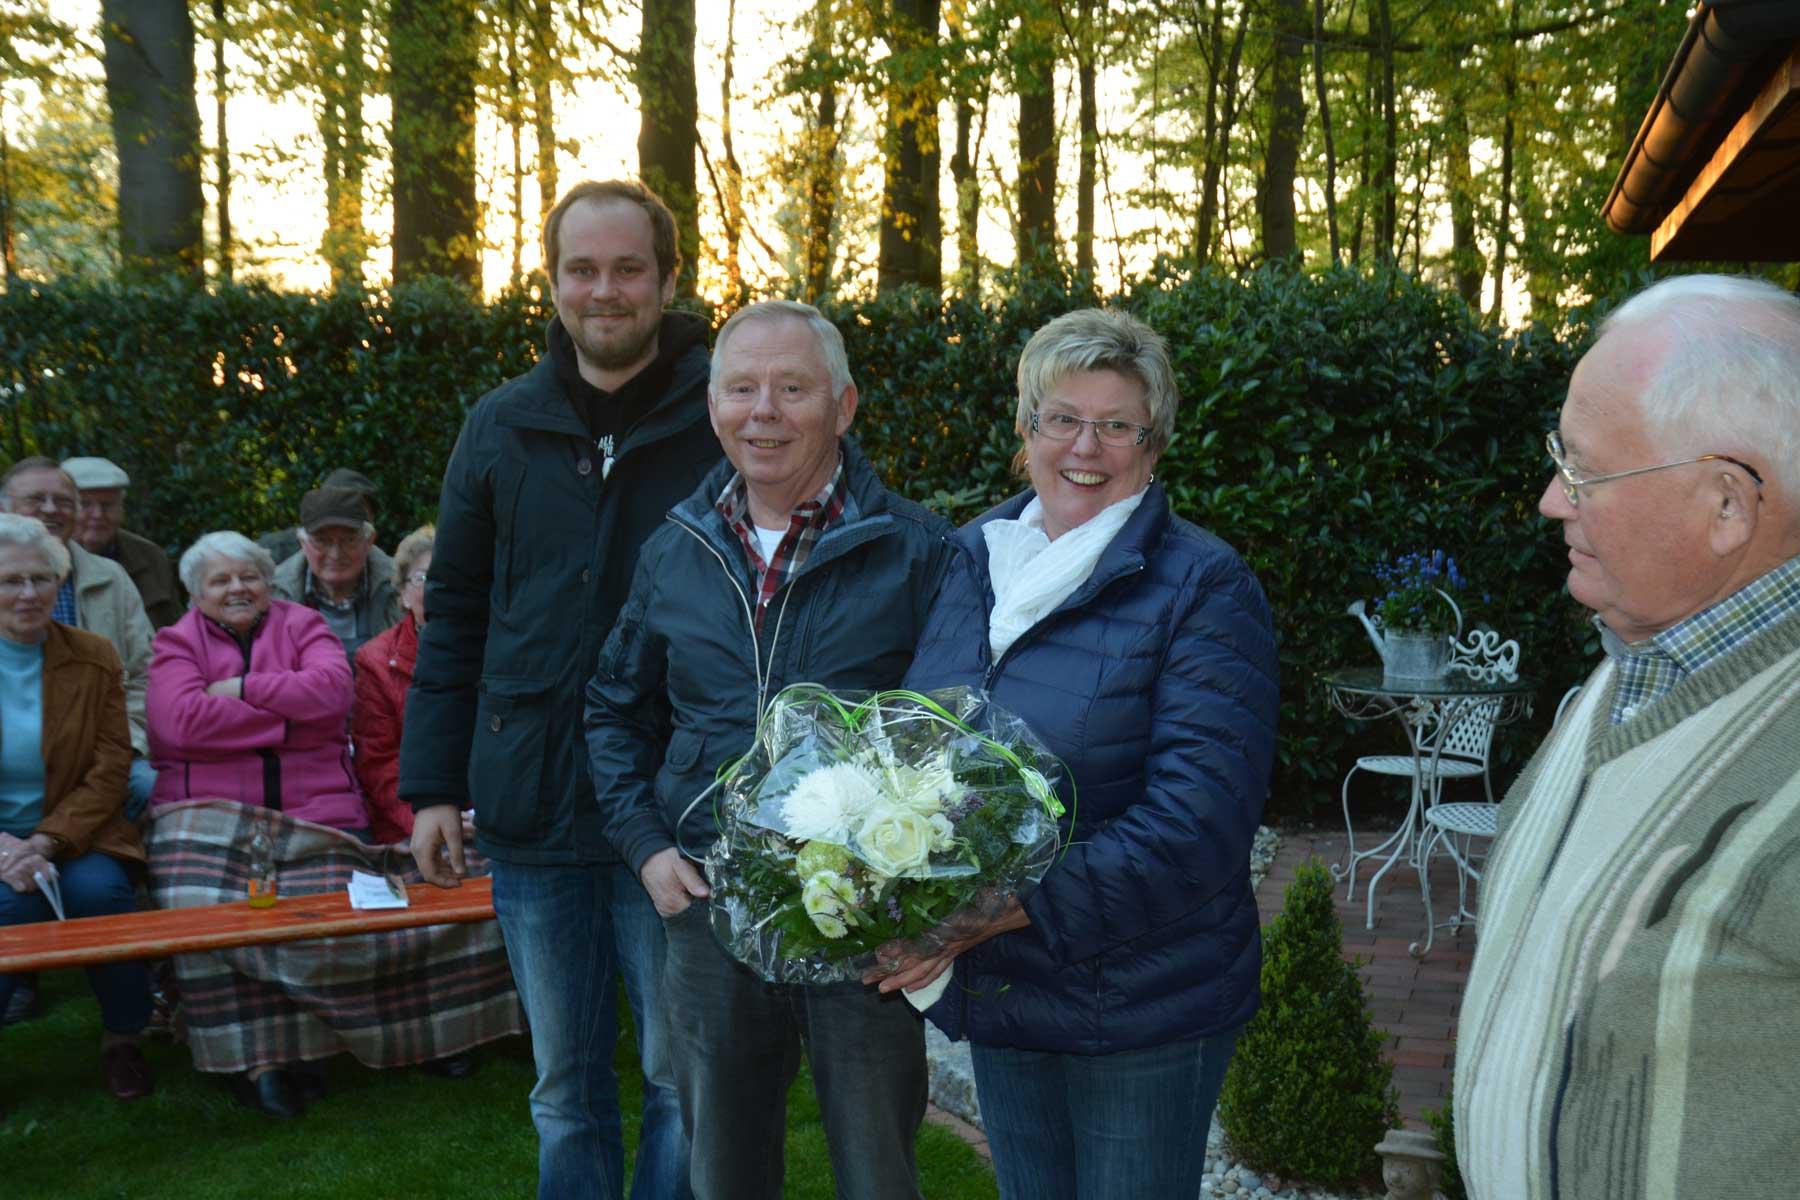 Bei der Familie Meyer zu Brickwedde bedankten sich die Heimatfreunde mit einem Blumenstrauß